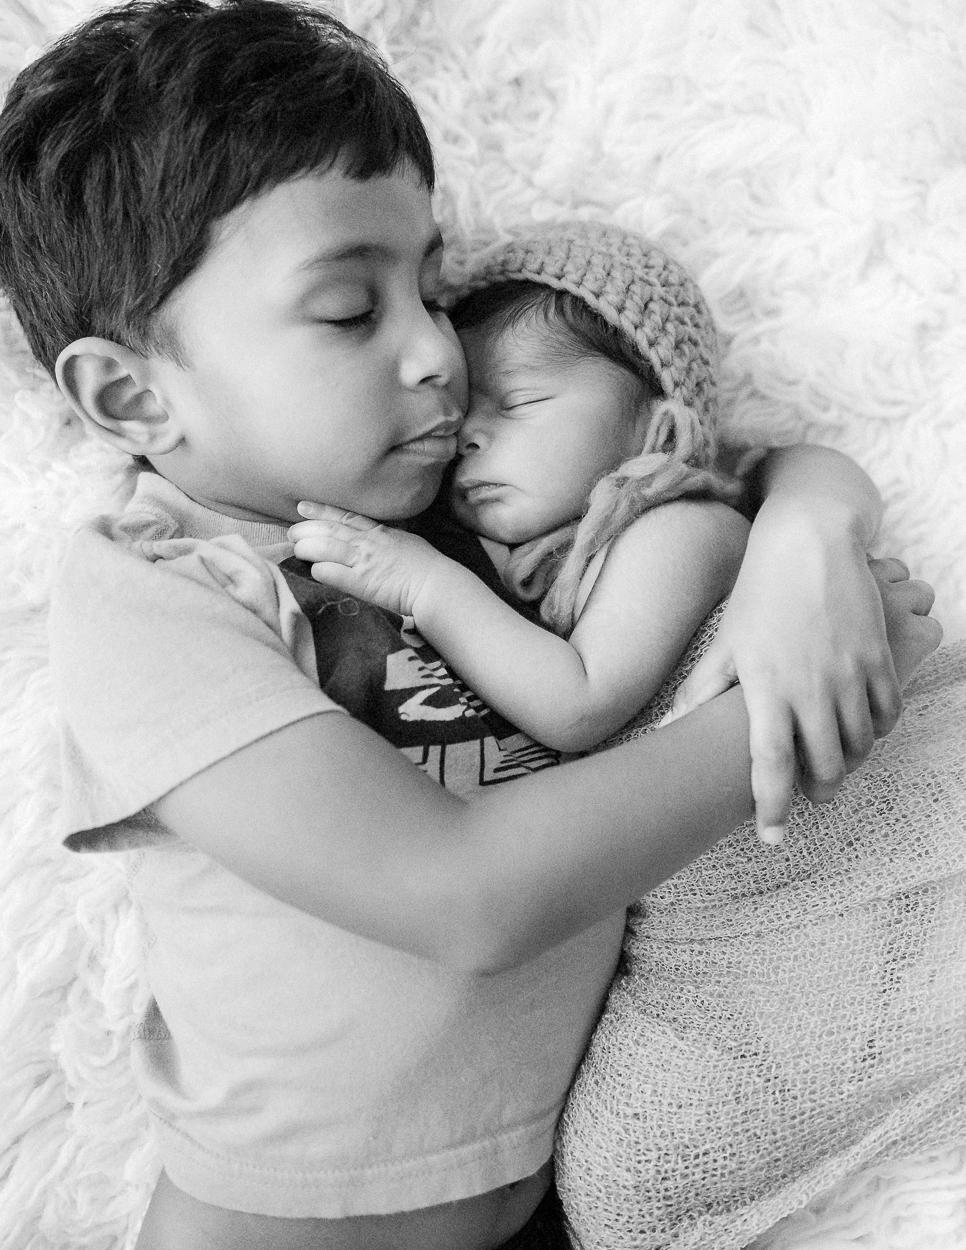 newborn_virginiaphotographer_fredericksburgnewborn_Richmondnewborn_youseephotography_babyboyA (18).JPG